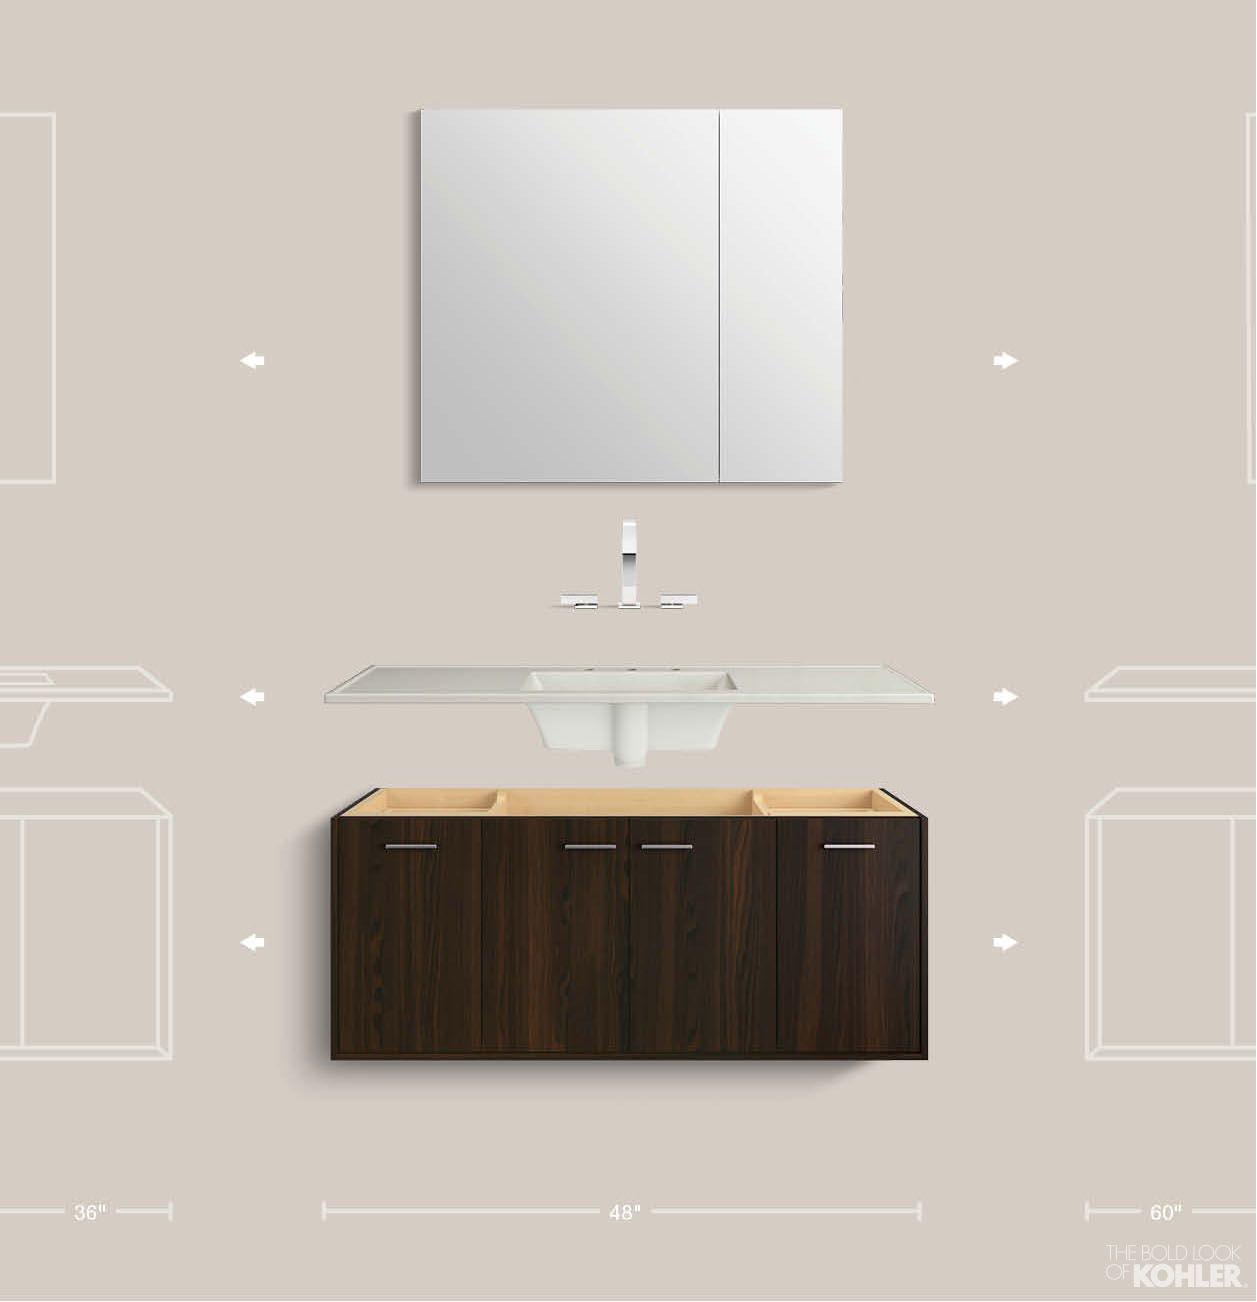 Bathroom Vanity Kohler kohler alberry cinder traditional bathroom vanity | decorating